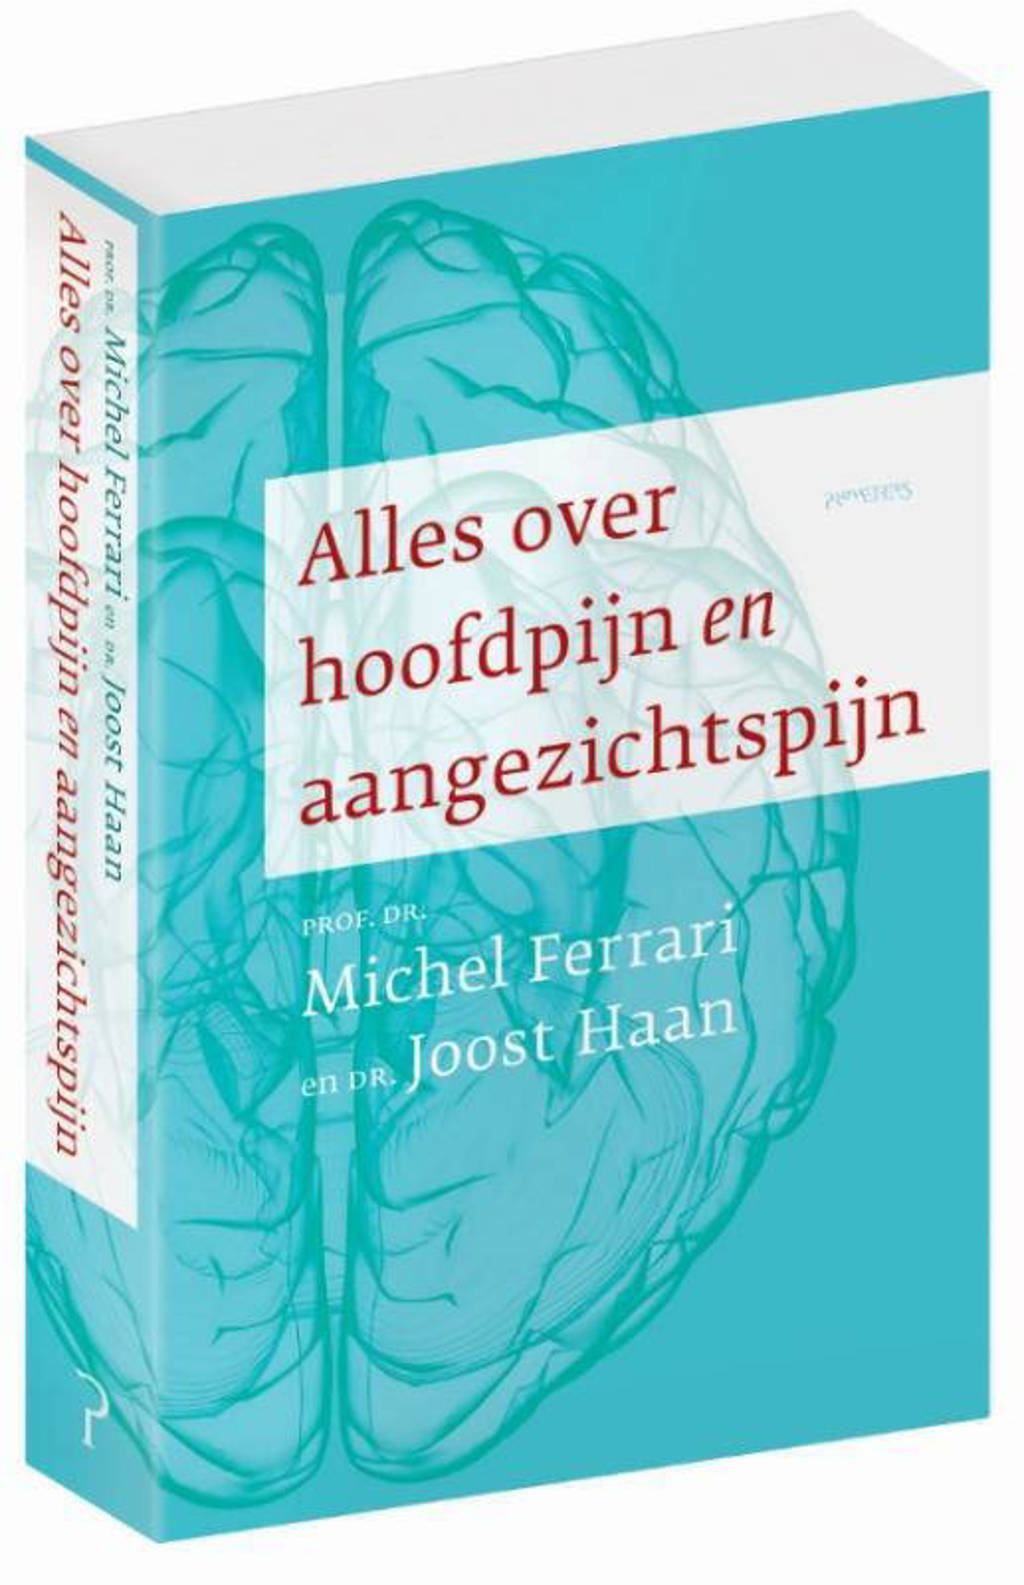 Alles over hoofdpijn en aangezichtspijn - Michel Ferrari en Joost Haan